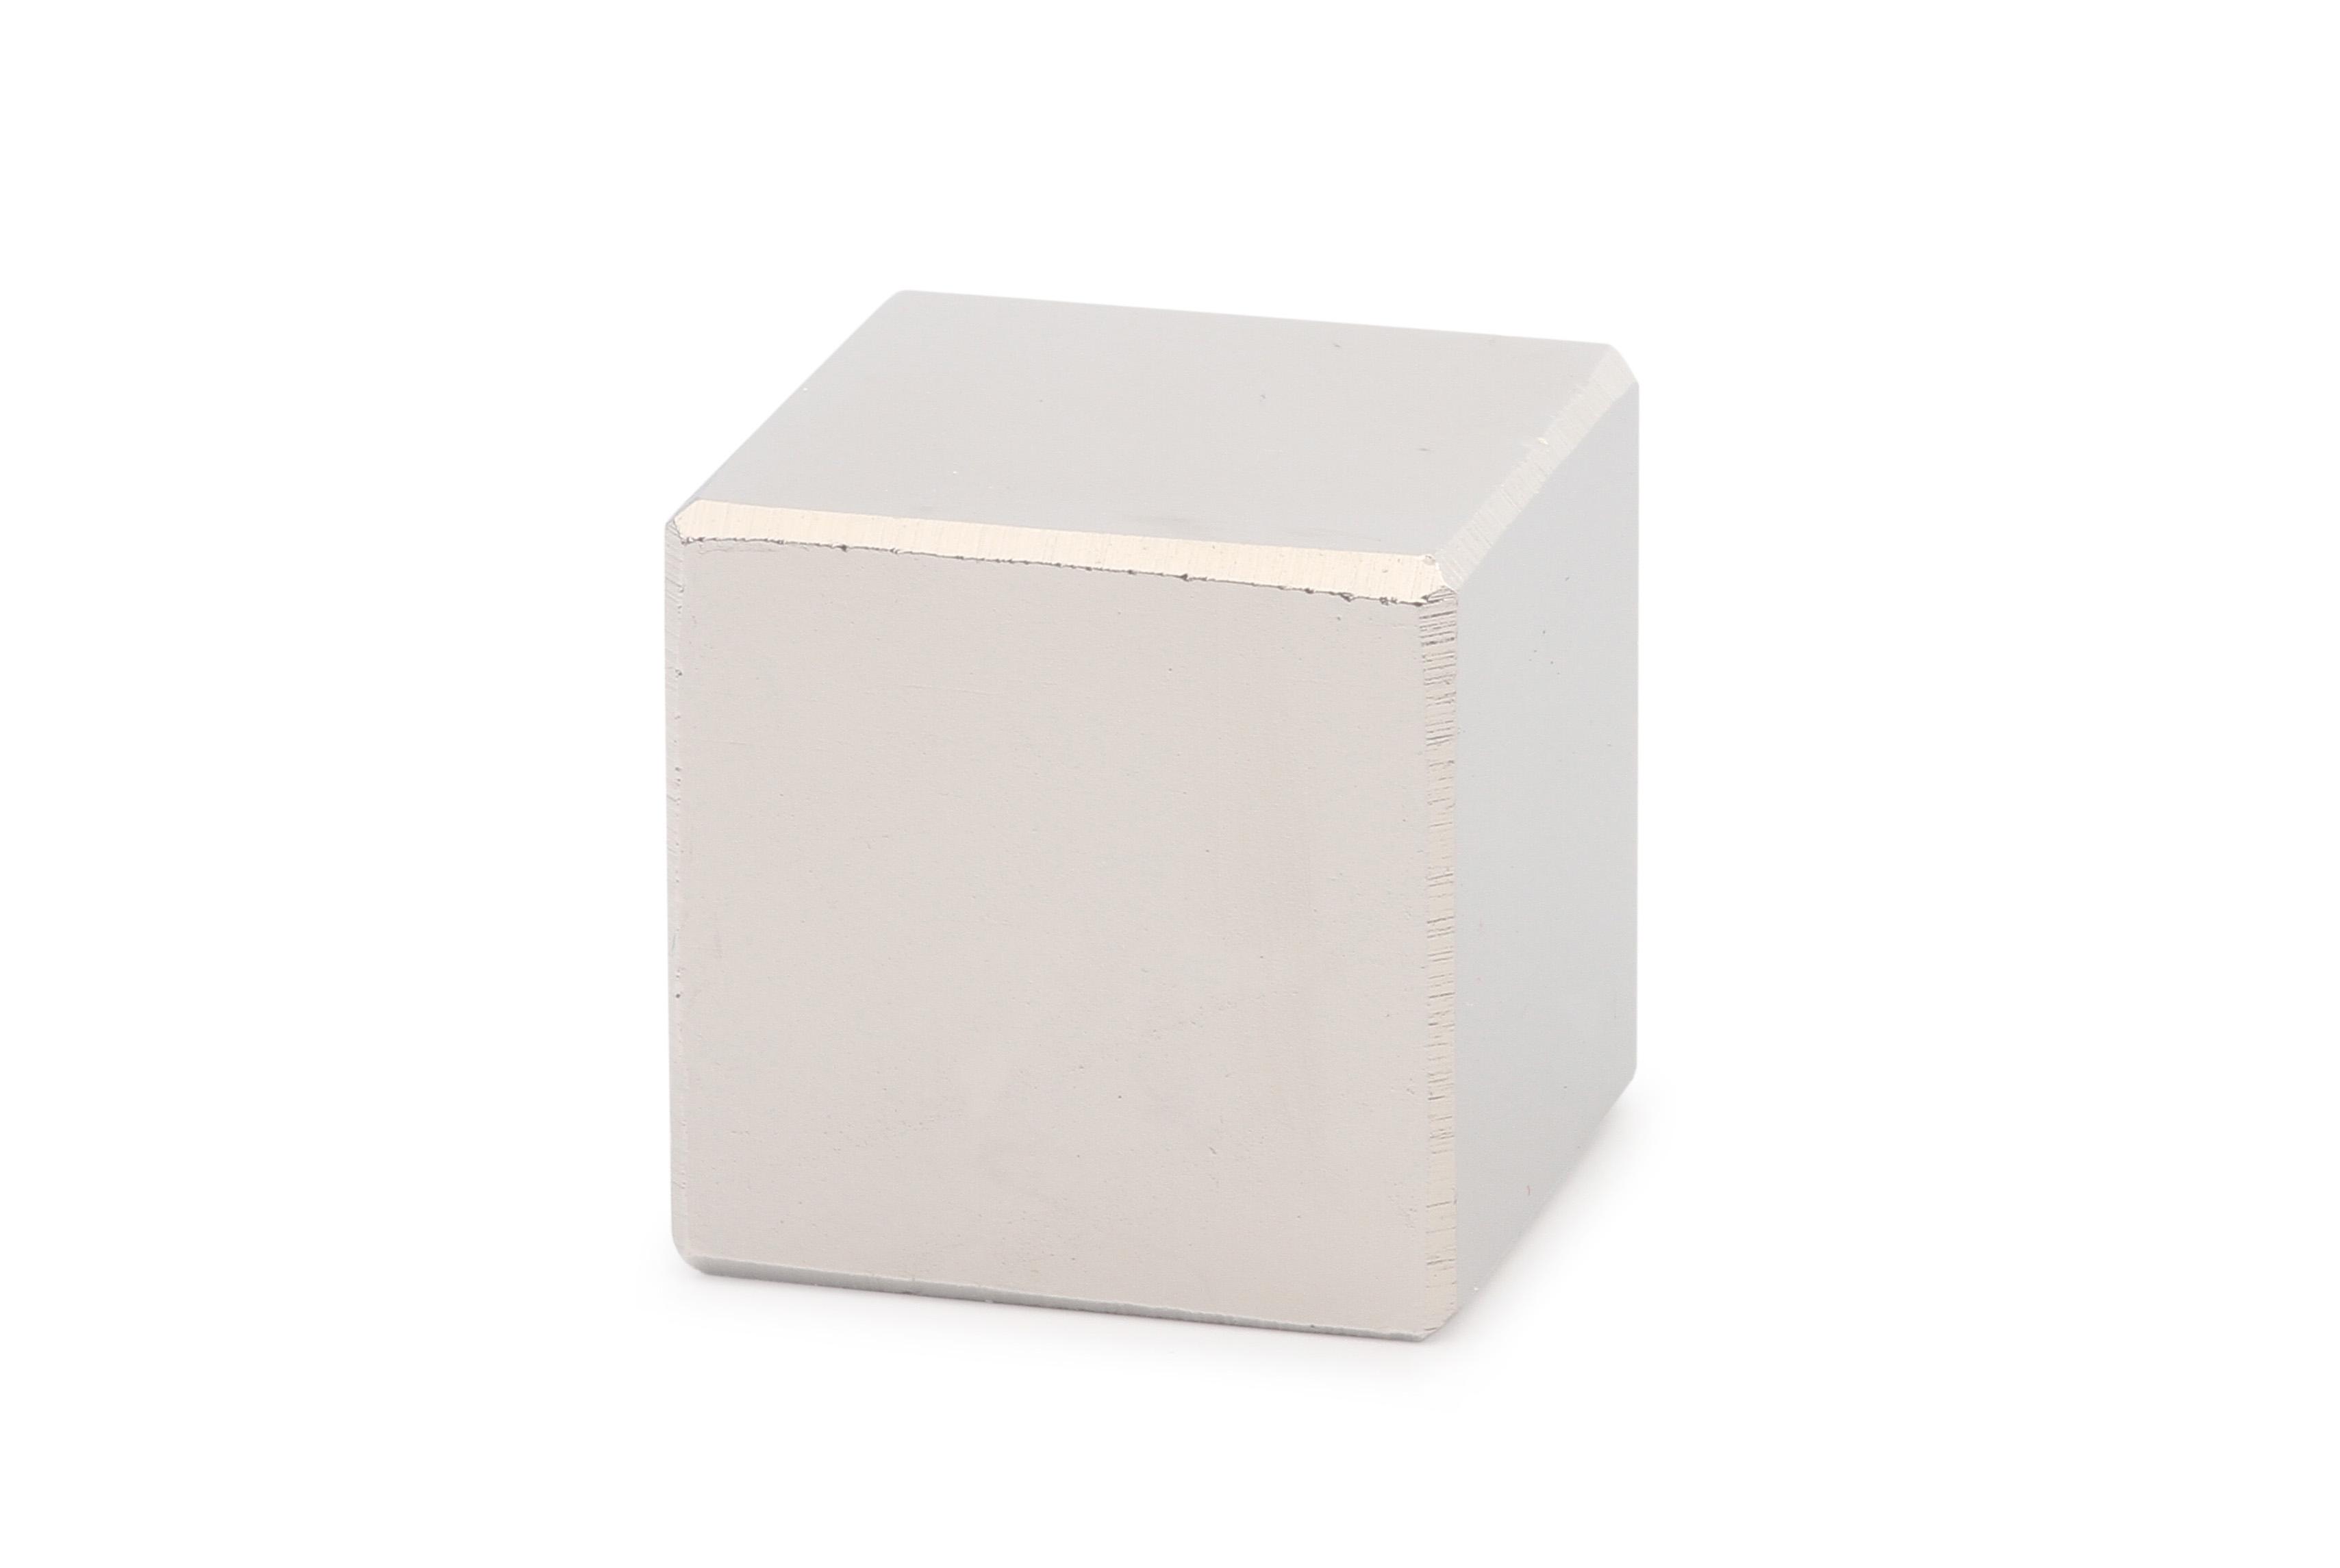 Неодимовый магнит прямоугольник 25х25х25 мм